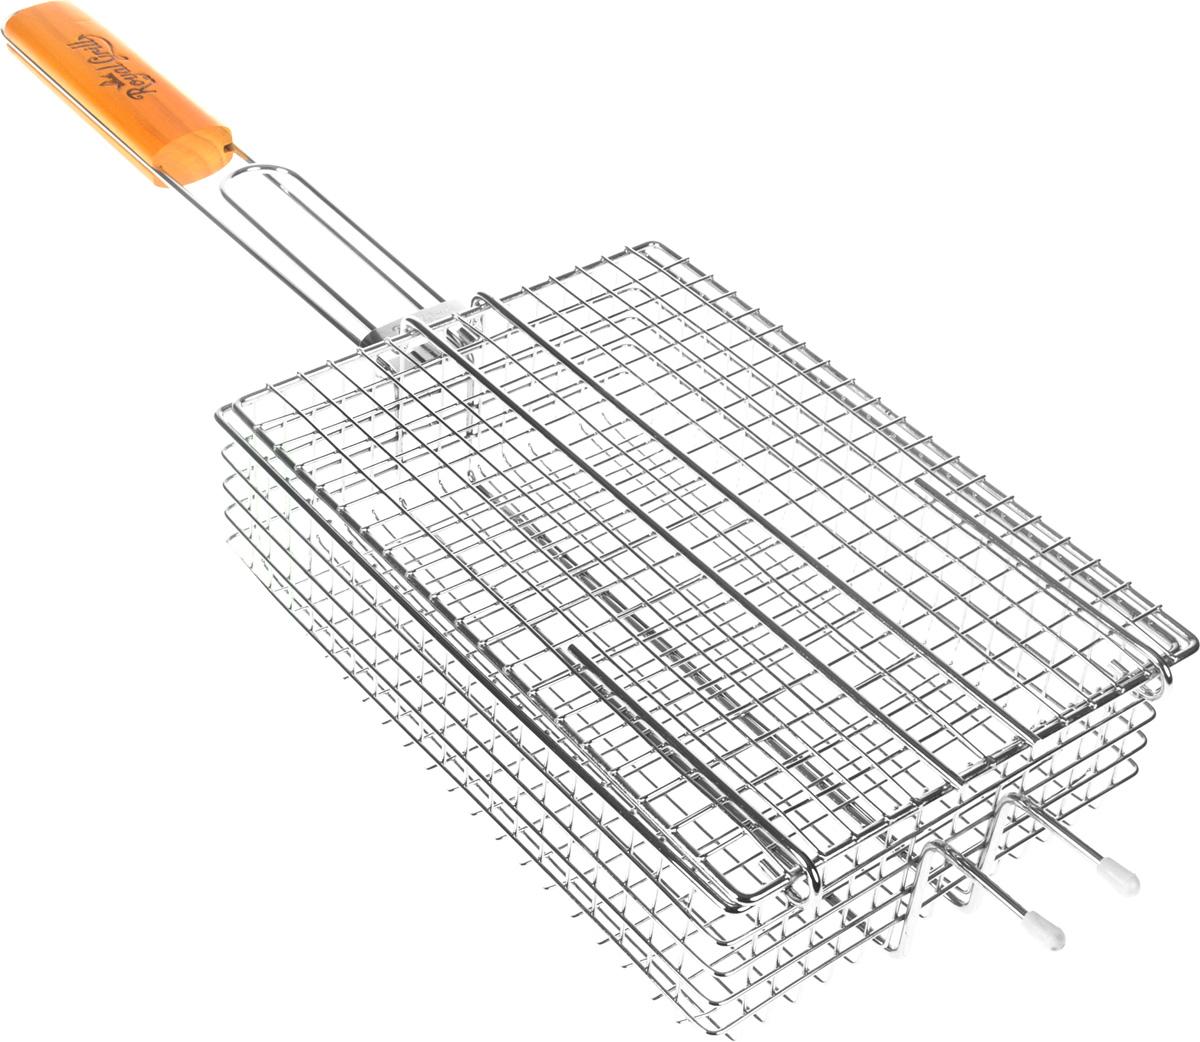 Решетка-гриль для мелких кусочков RoyalGrill, глубокая, 25,5 х 18 см80-033Глубокая решетка-гриль RoyalGrill изготовлена из высококачественной пищевой стали, а рукоятка выполнена из дерева. Изделие имеет съемную крышку, которая фиксируется с помощью кольца. Решетка предназначена для приготовления мелких кусочков мяса, птицы, рыбы, овощей. Надежная конструкция удобна в использовании. Размер решетки: 25,5 х 18 х 8 см. Длина (с ручкой): 60 см.